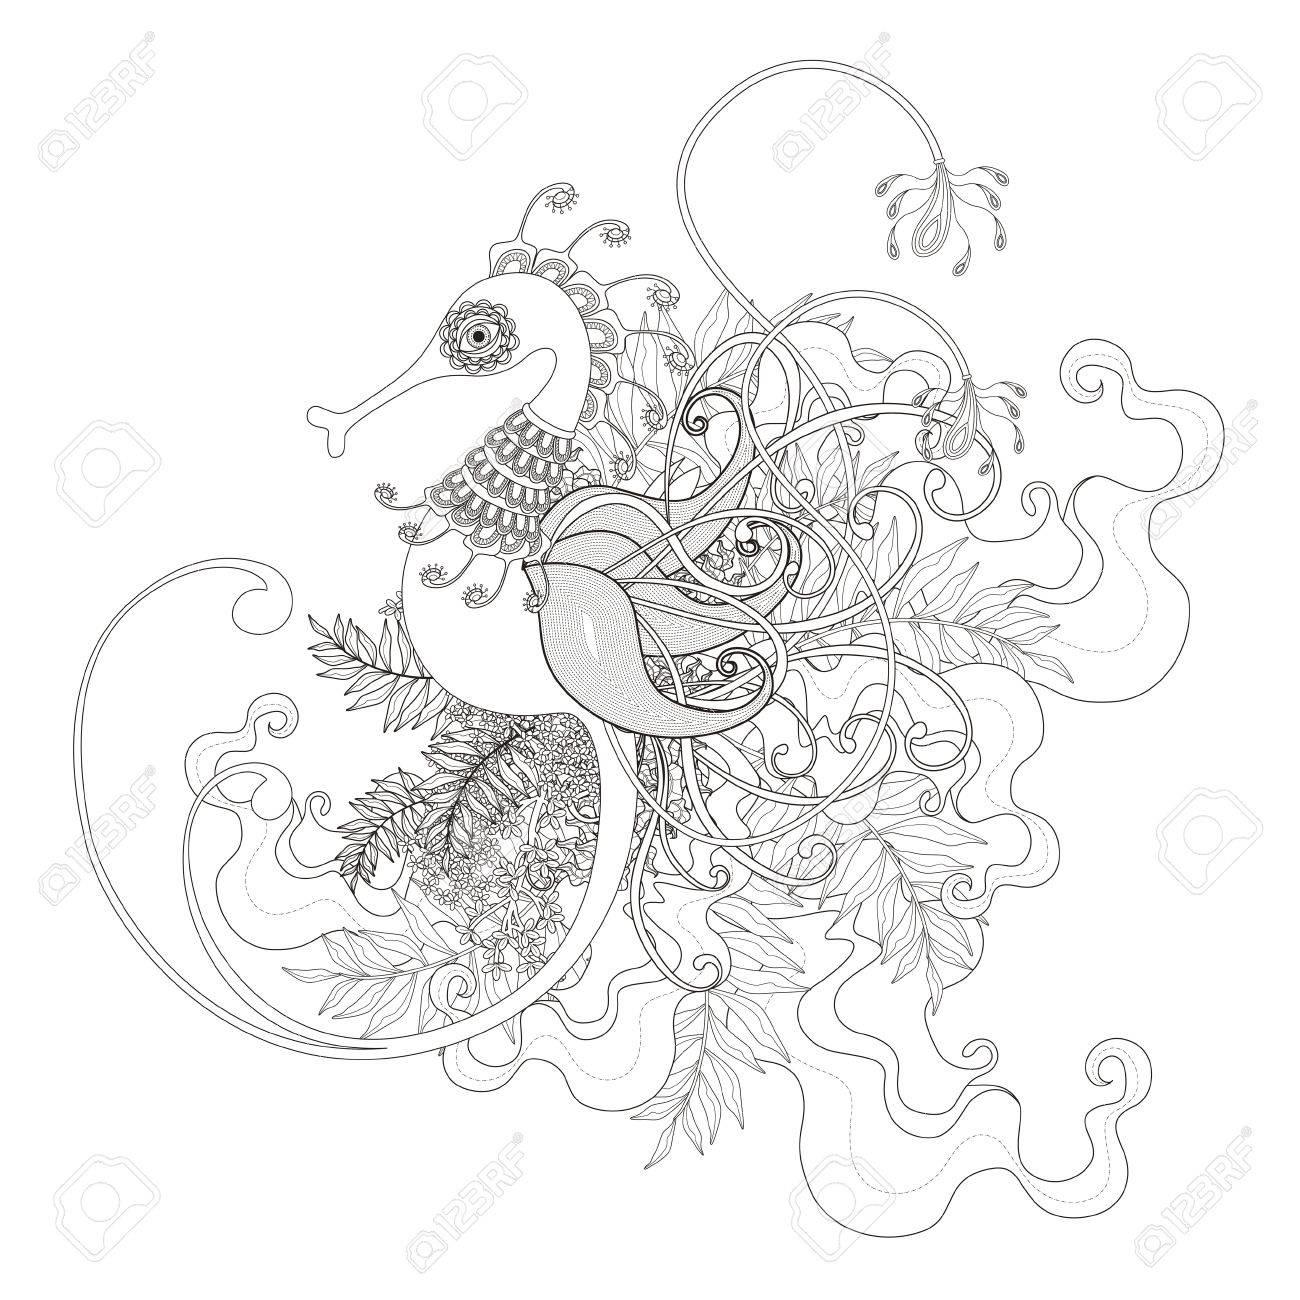 Coloriage Hippocampe.Exquise Coloriage Hippocampe Avec Des Elements De Plantes